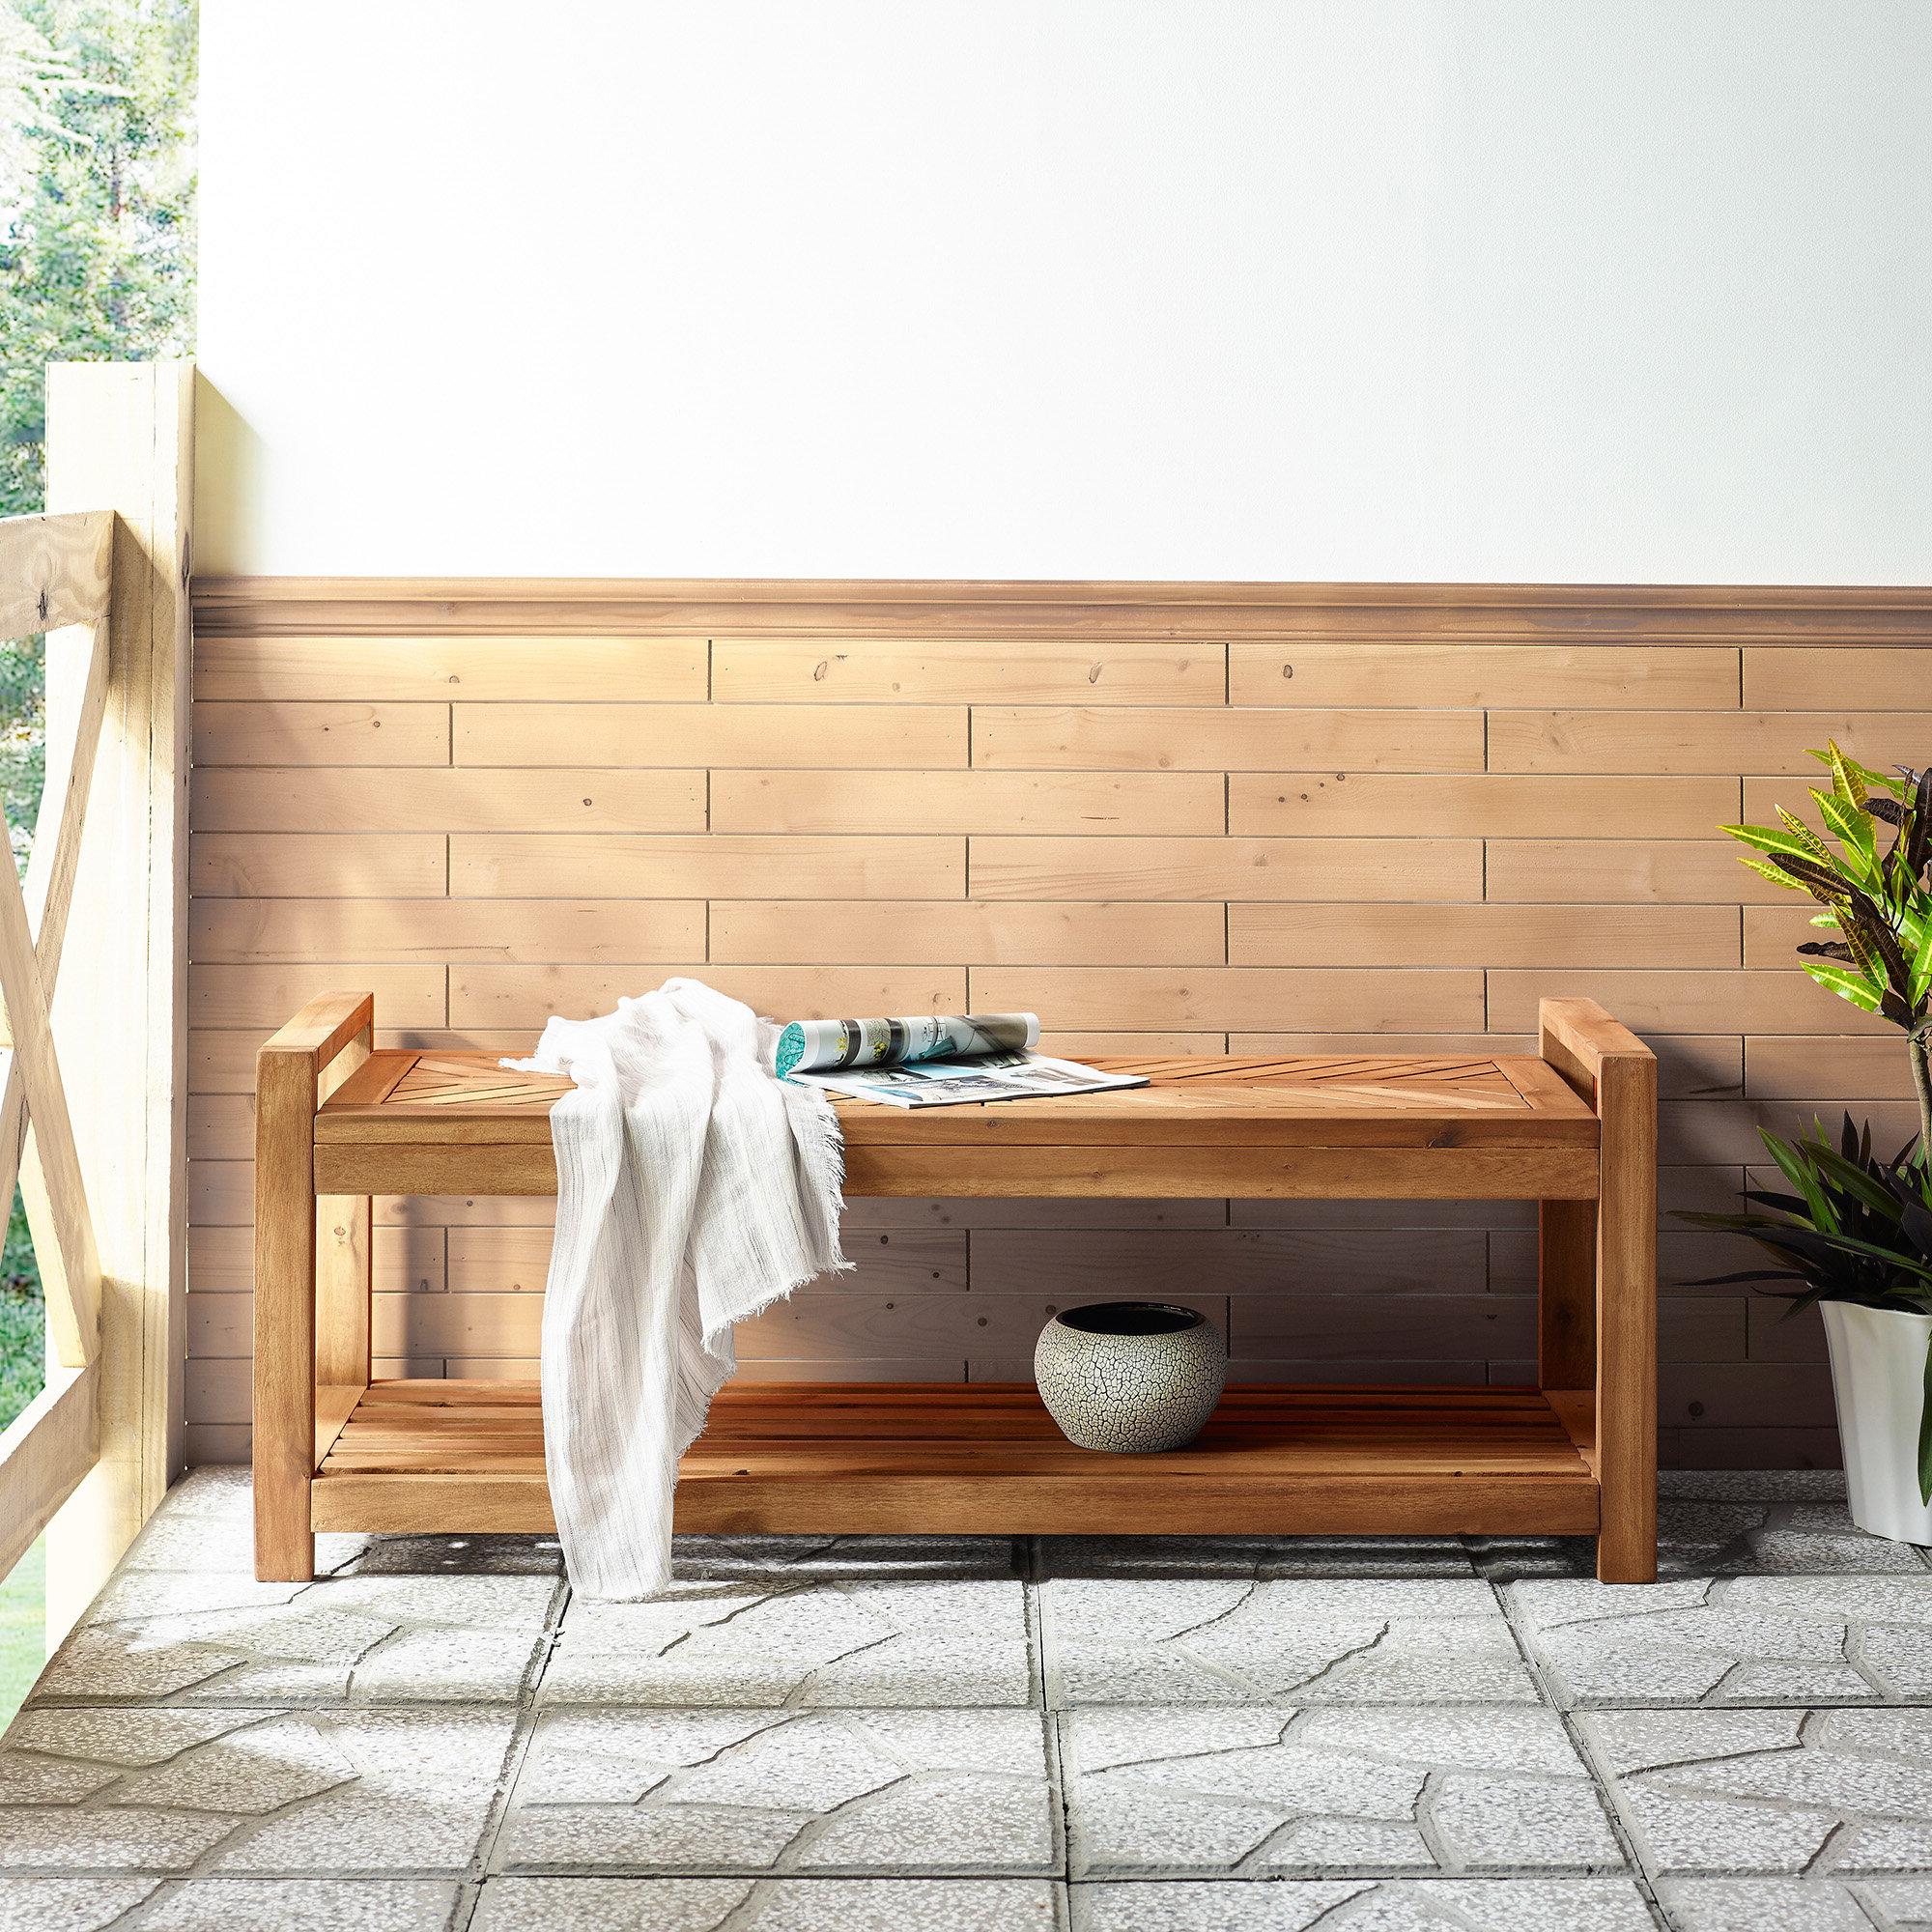 Skoog Chevron Wooden Storage Bench For Well Liked Skoog Chevron Wooden Garden Benches (View 4 of 30)